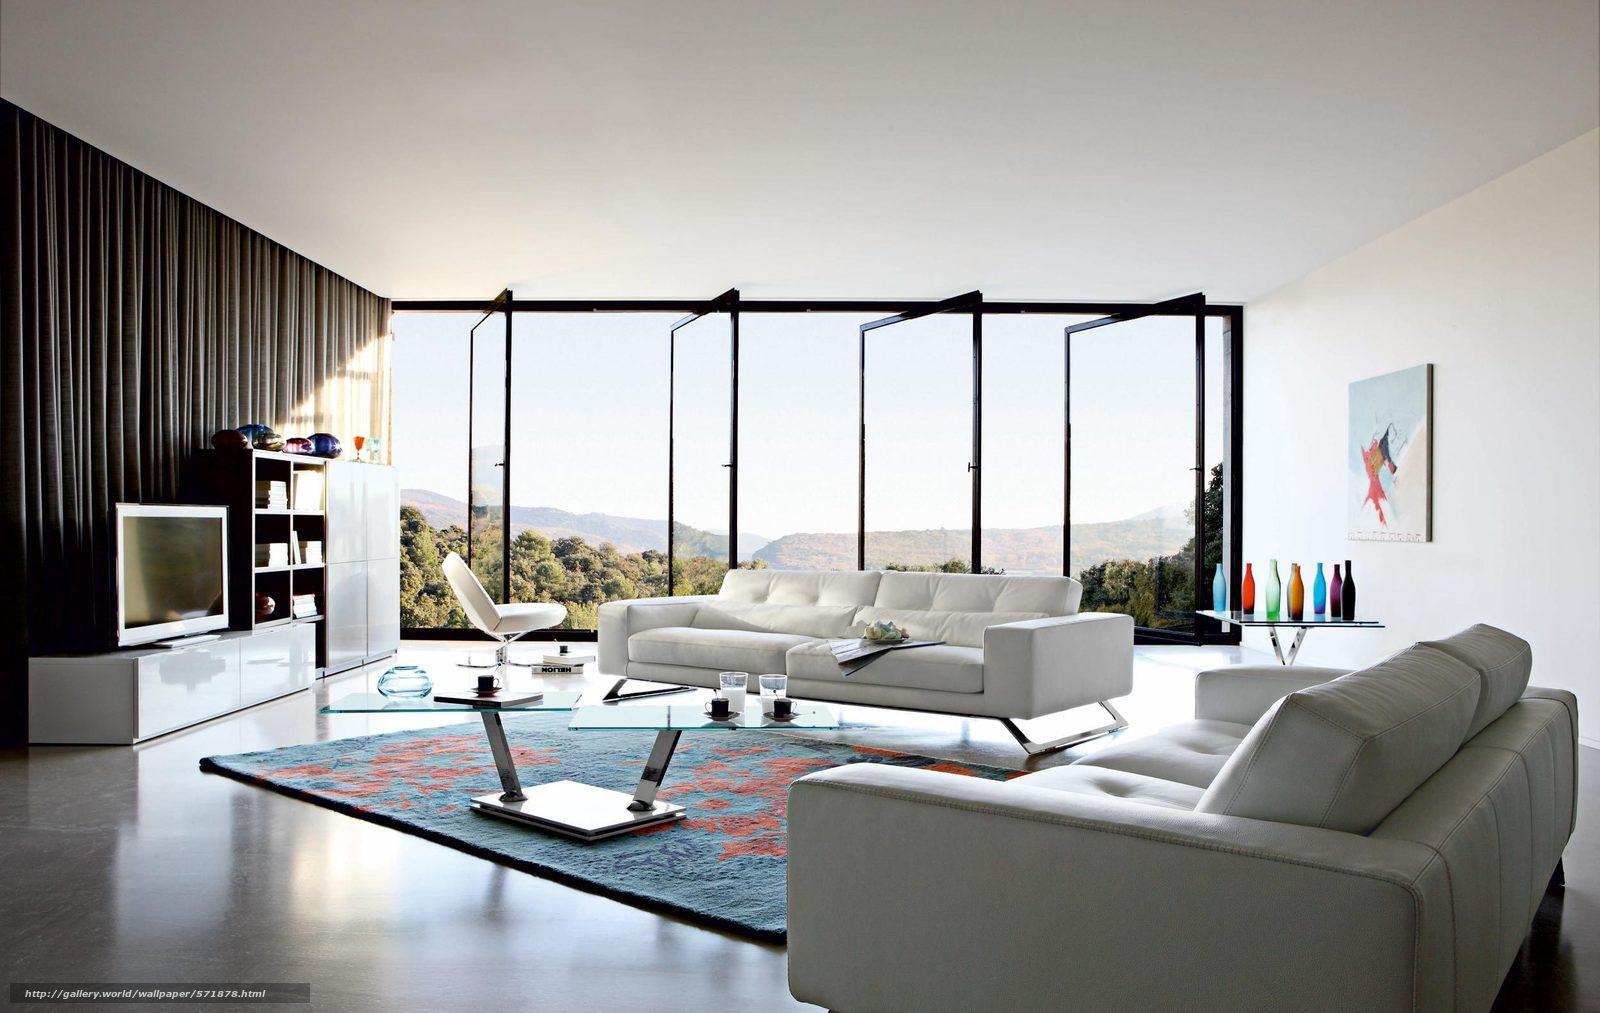 Tlcharger fond decran style chambre intérieur maison fonds decran gratuits pour votre rsolution du bureau 2500x1583 image №571878